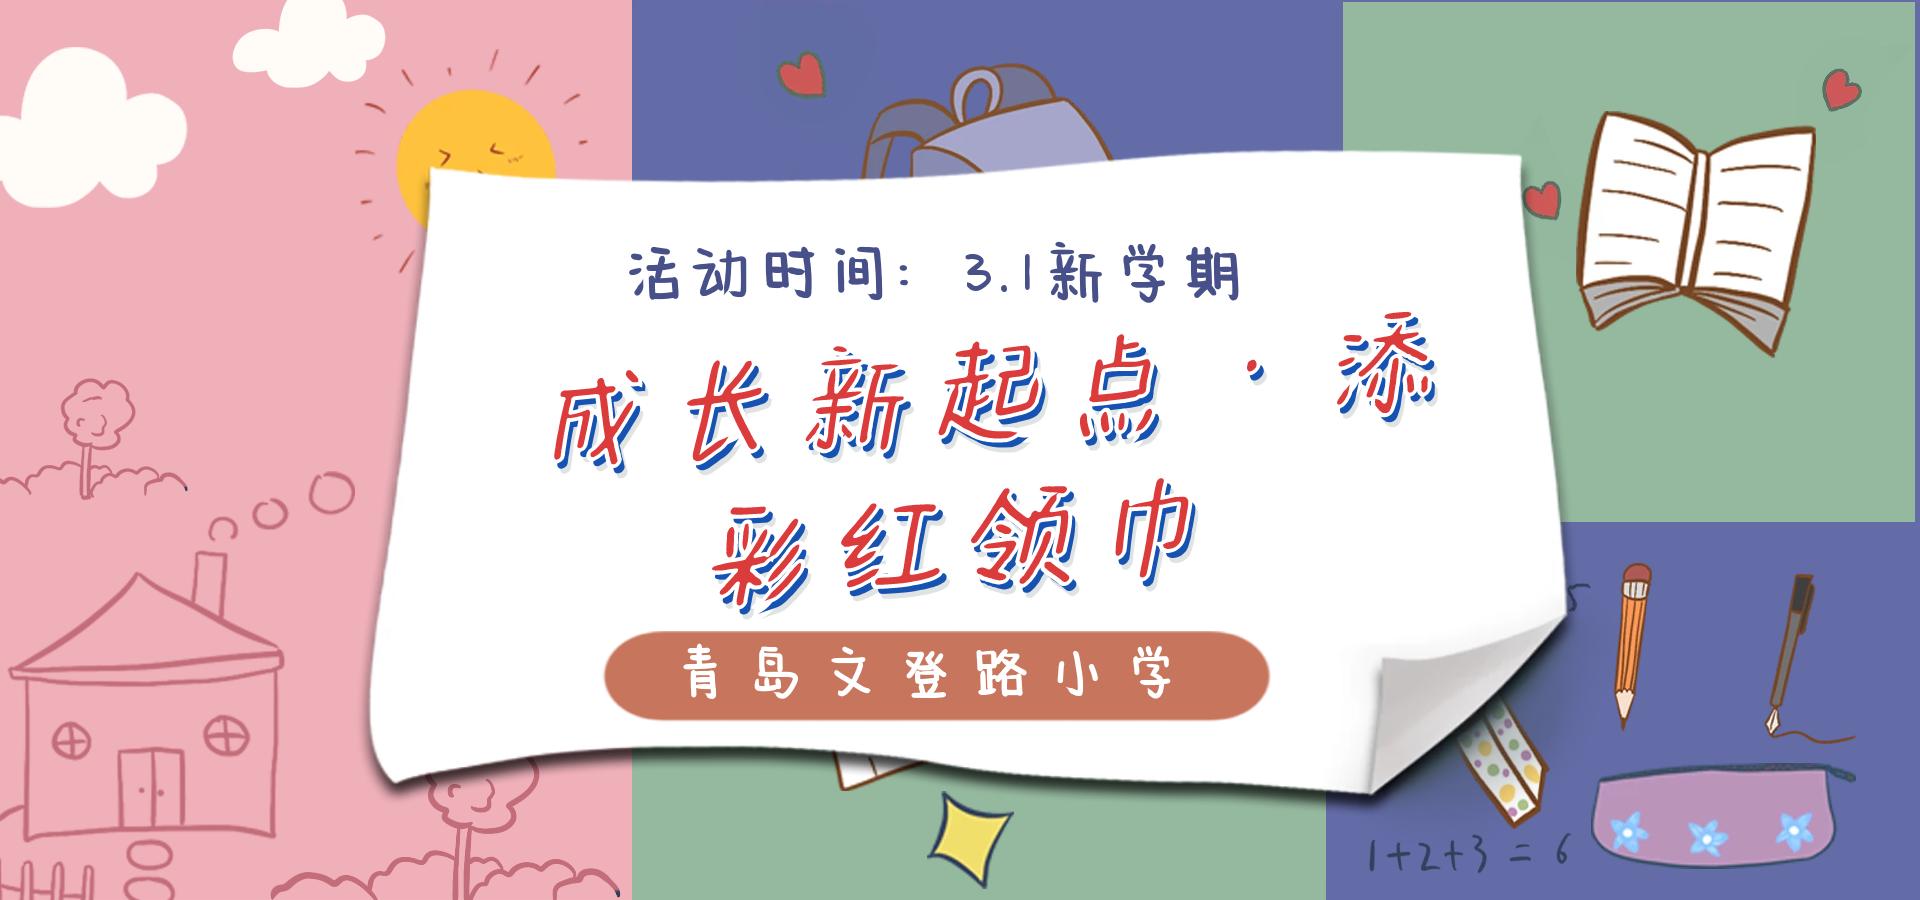 """文登路小学:海纳少年开学掀起""""红色""""浪潮"""